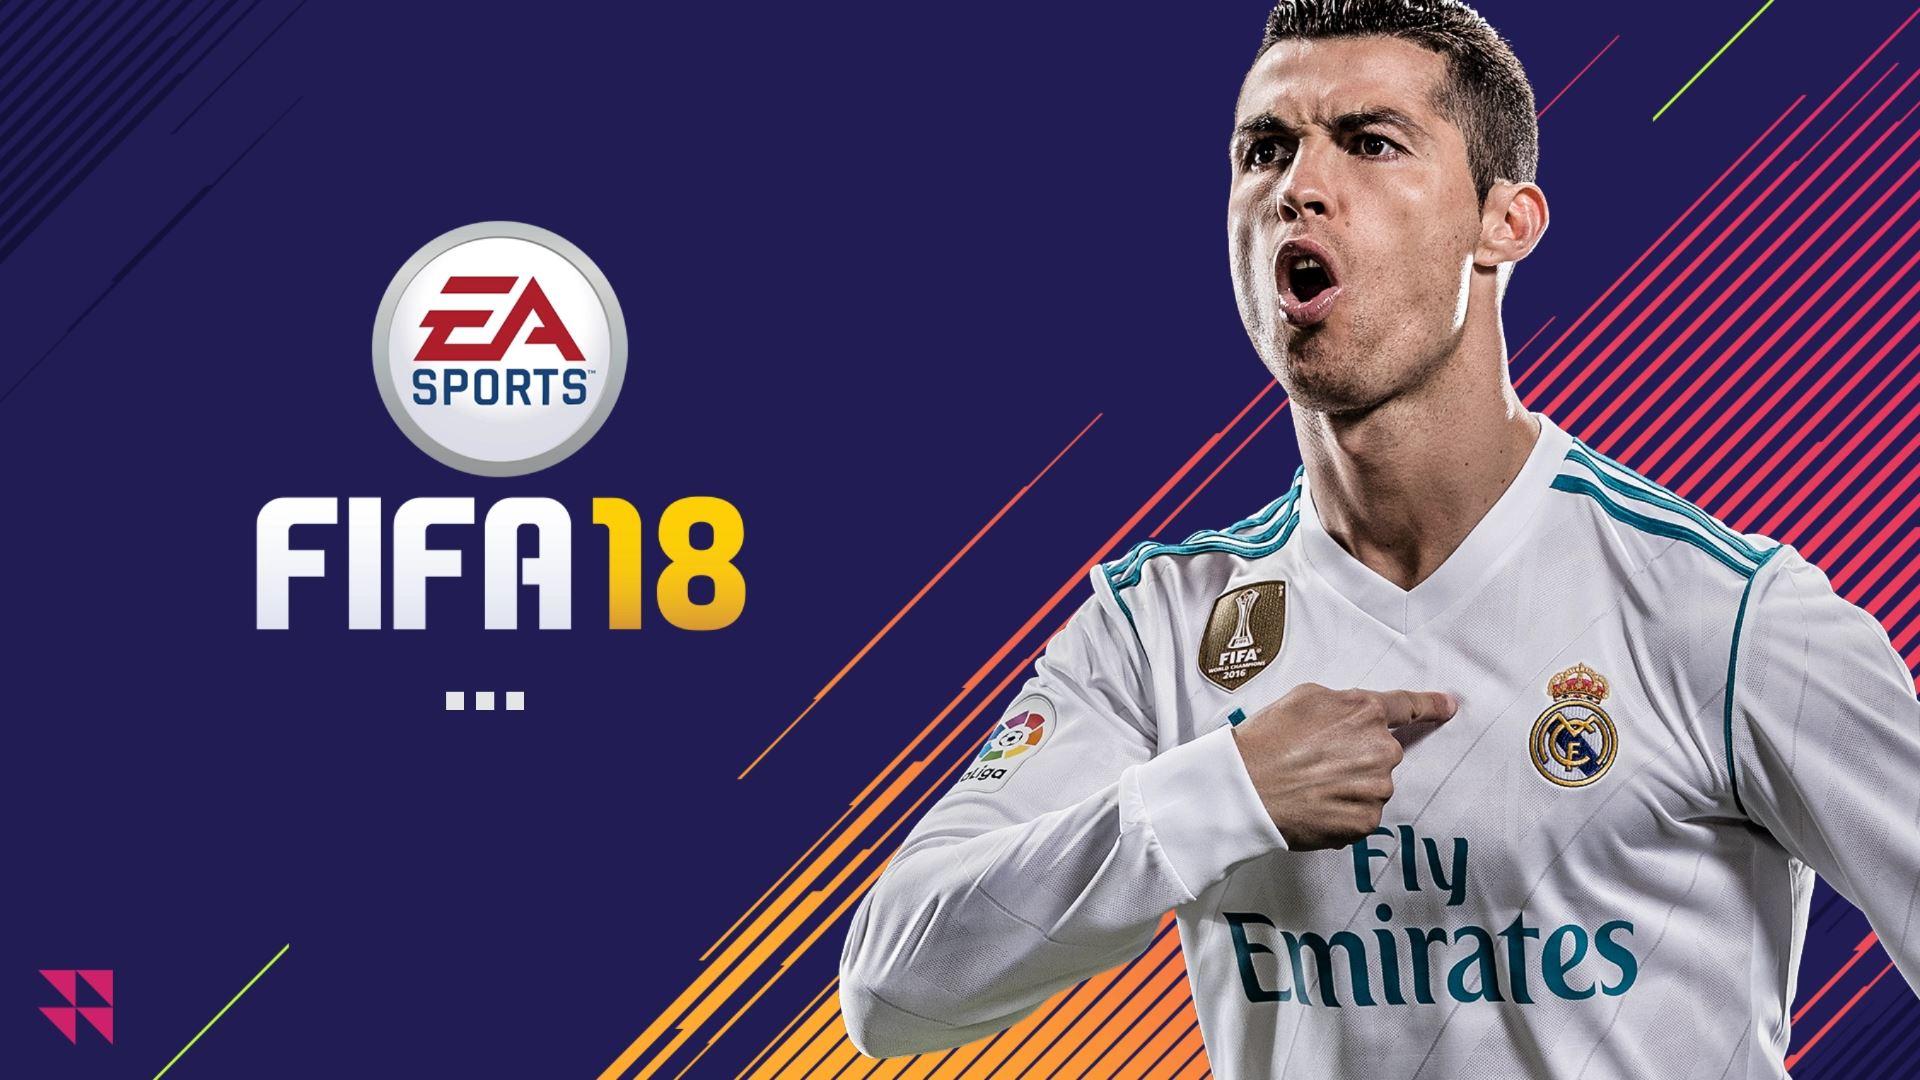 FIFA 18 – I want my journey